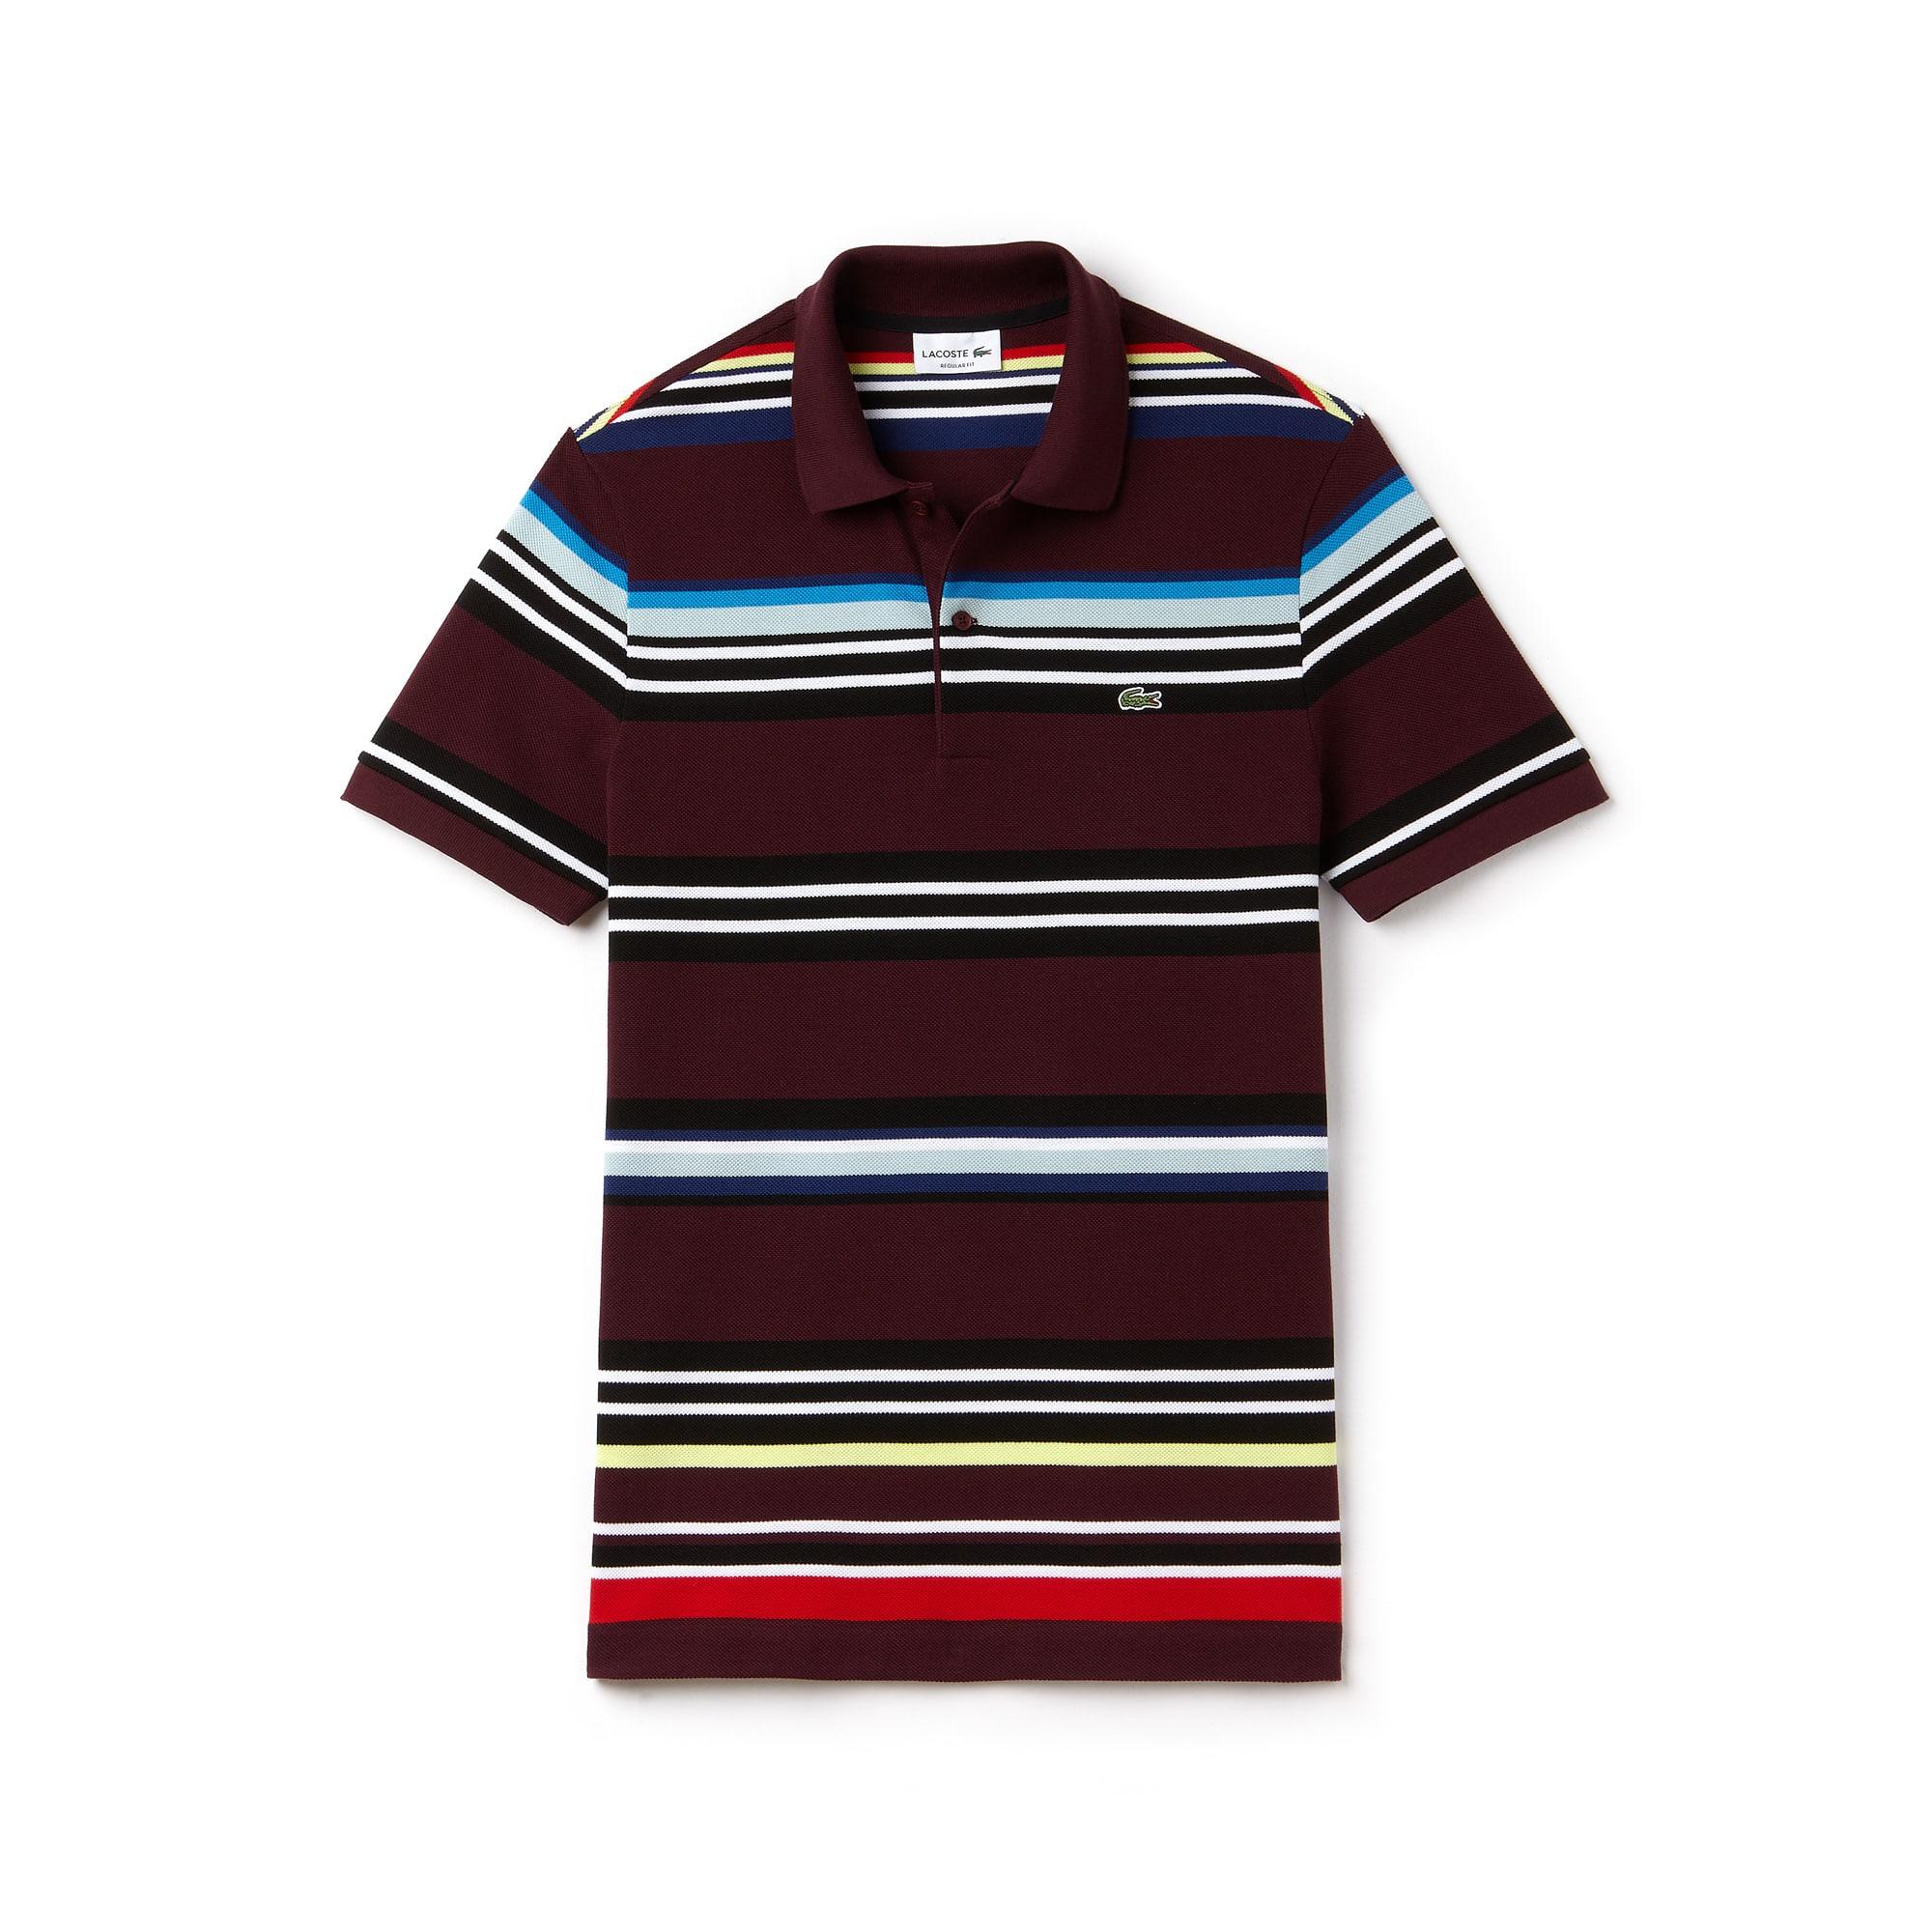 قميص بولو Lacoste ذو القصة المنتظمة مُقلَّم بألوان متعددة ومُحاك بأسلوب بيكيه للرجال